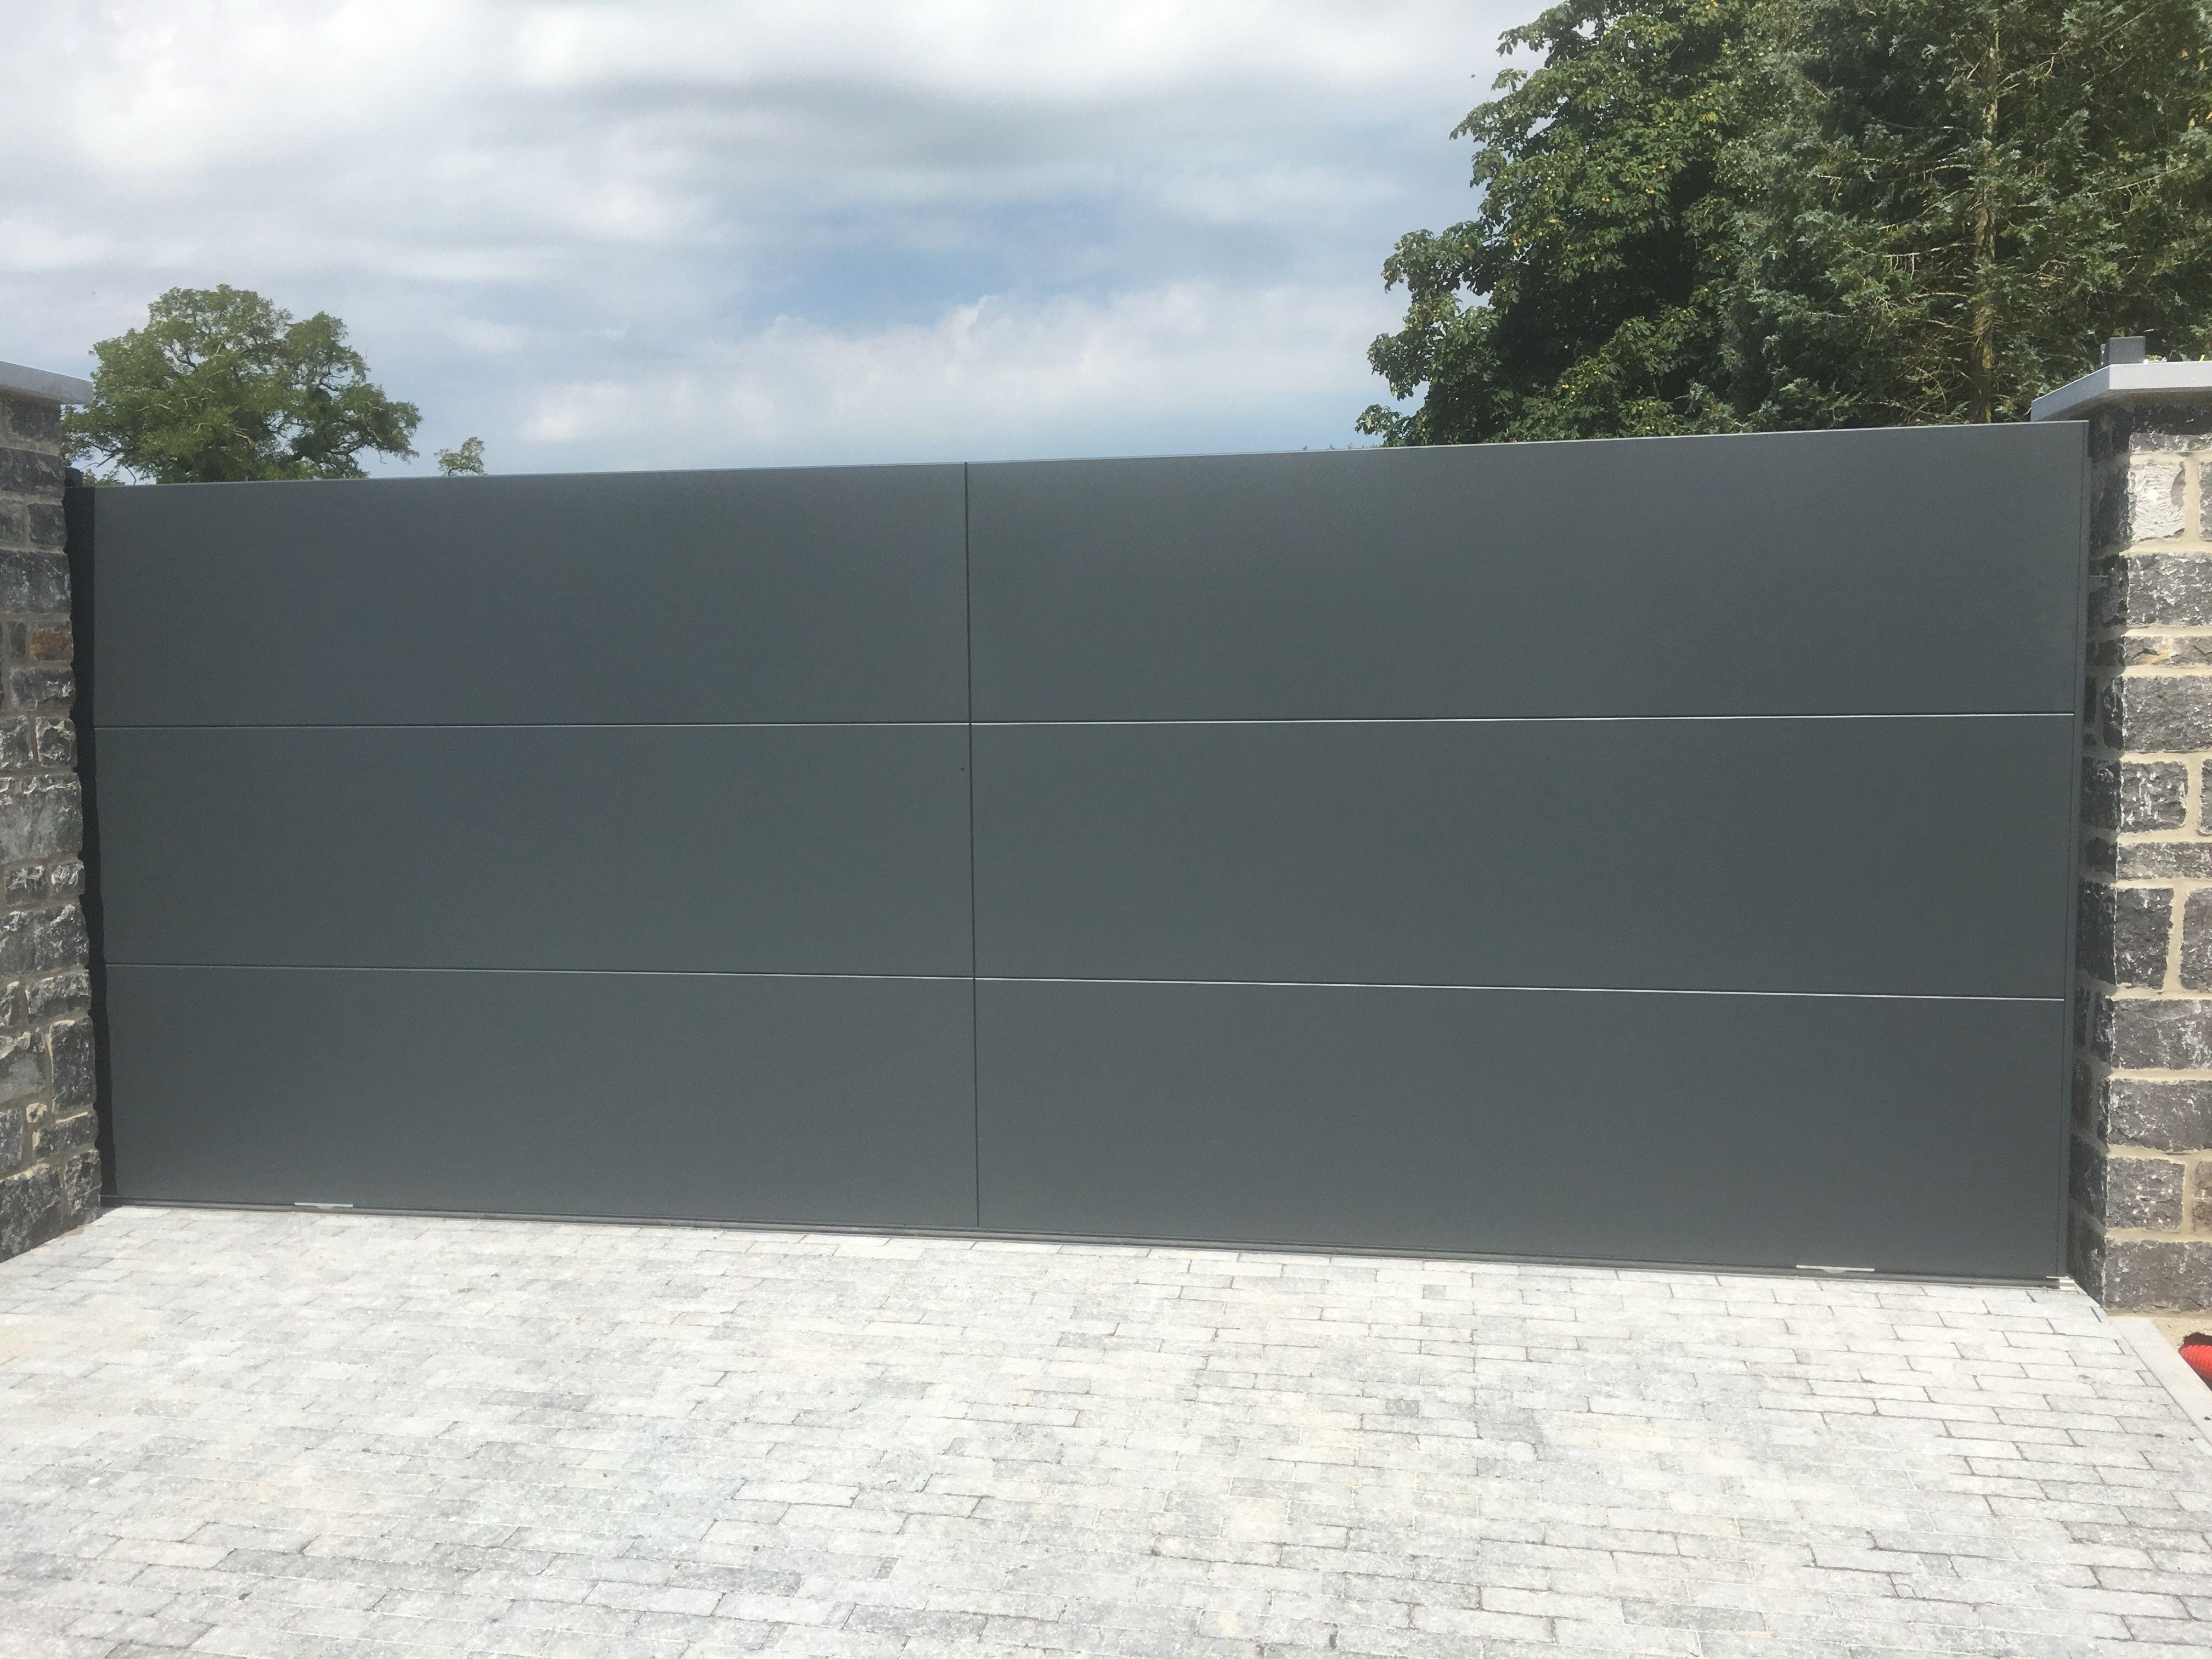 Portail Aluminium Horizon Www Toriportails Be Portones Para Garages Pinterest Portail Portail Coulissant Et Portail Aluminium